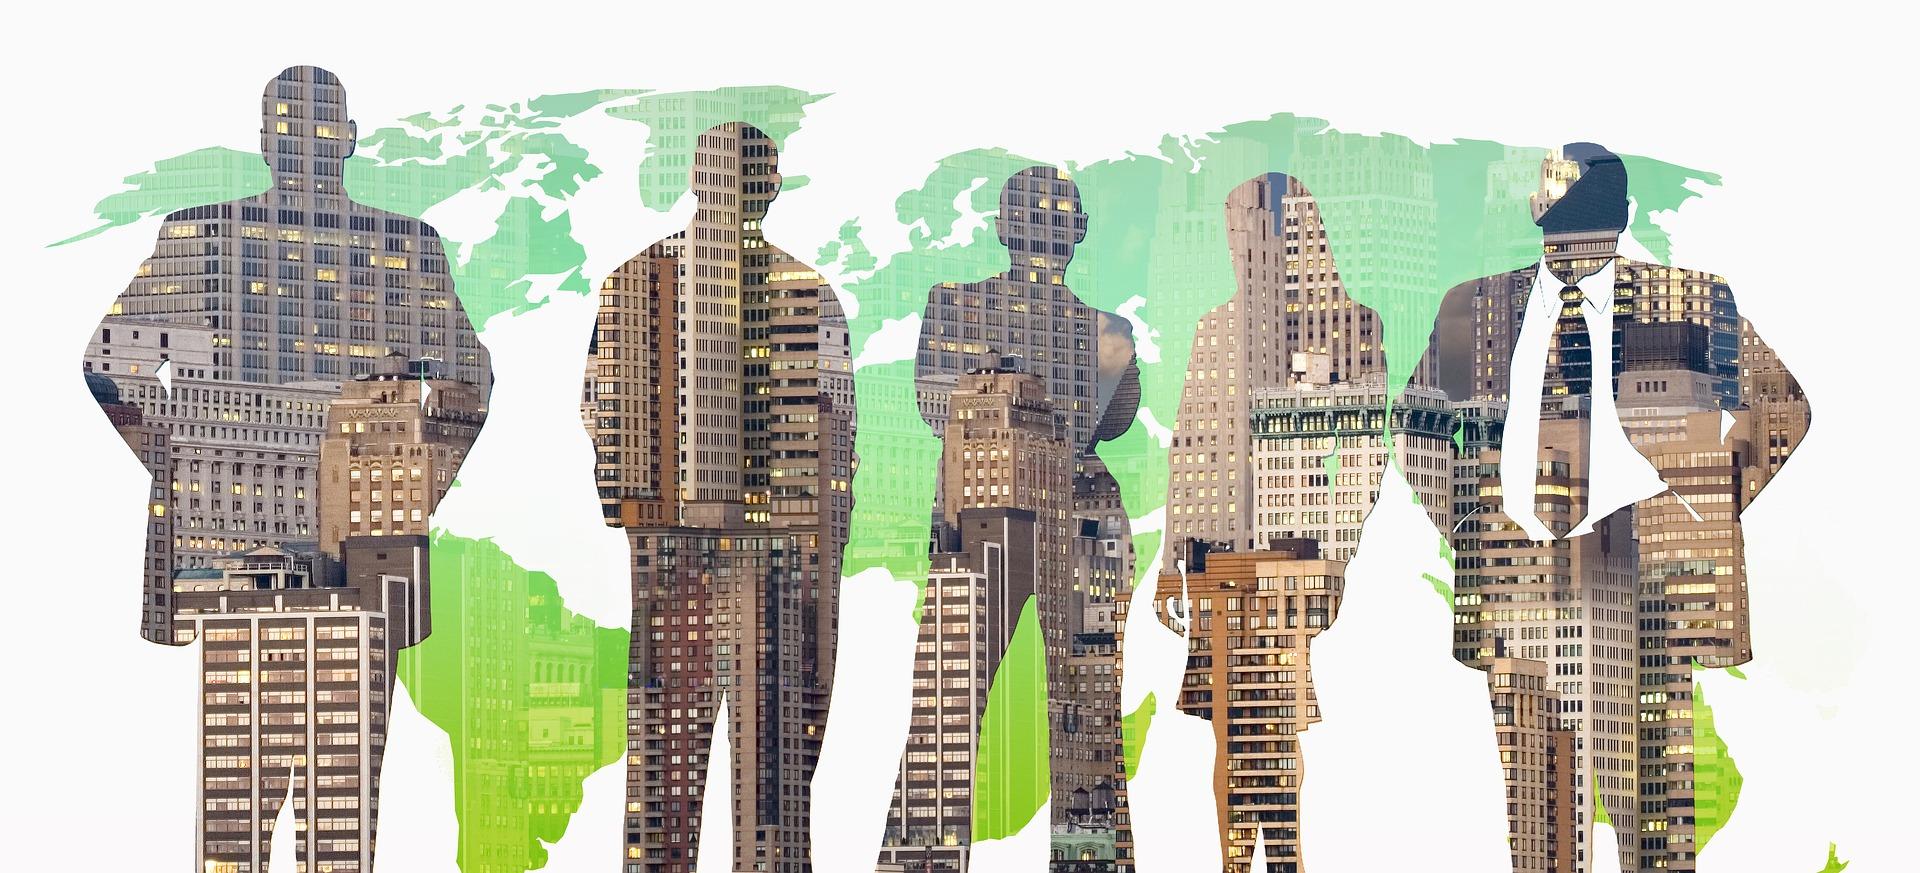 ייעוץ שיווקי ייעוץ ארגוני שיפור עסקי